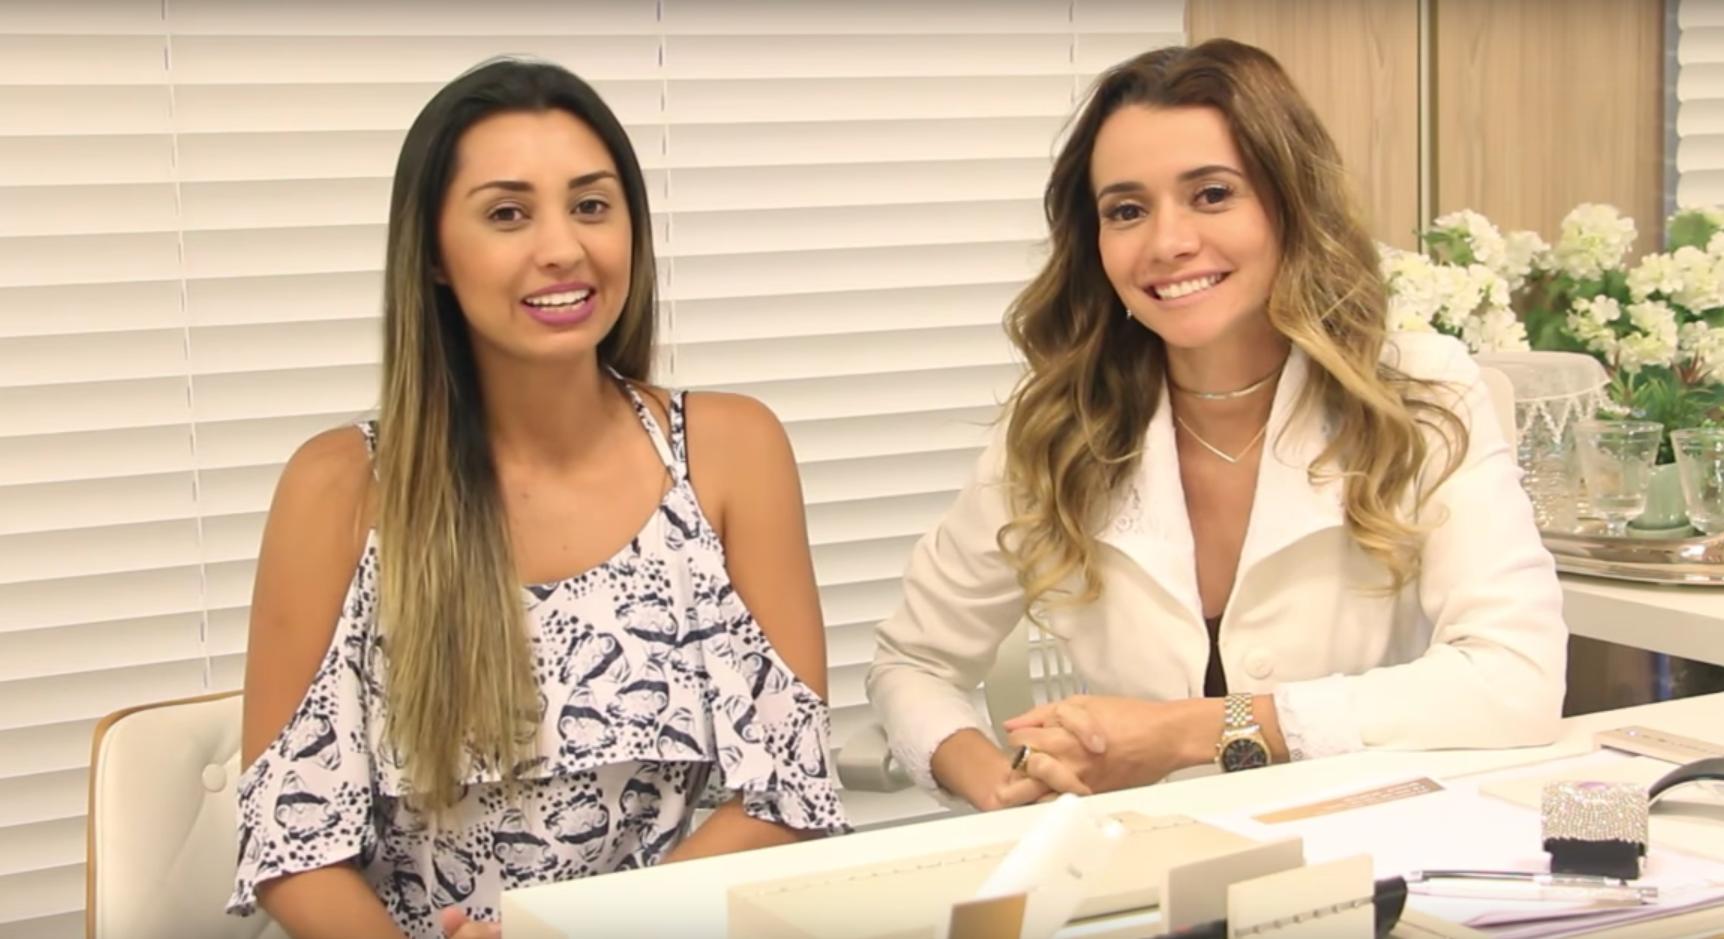 Dra. Paola e blogueira Luiza Gomes no consultório da doutora, falam sobre botox.